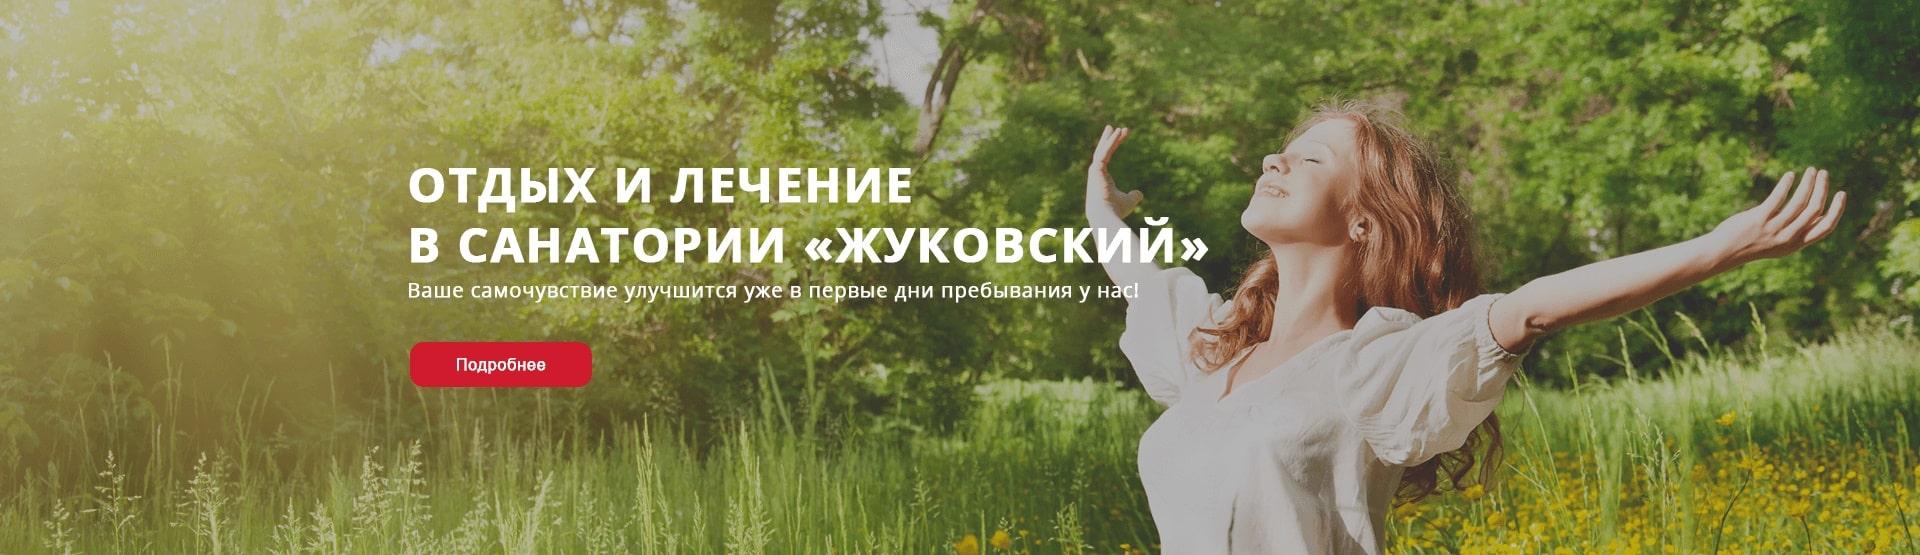 Санаторий «Жуковский»